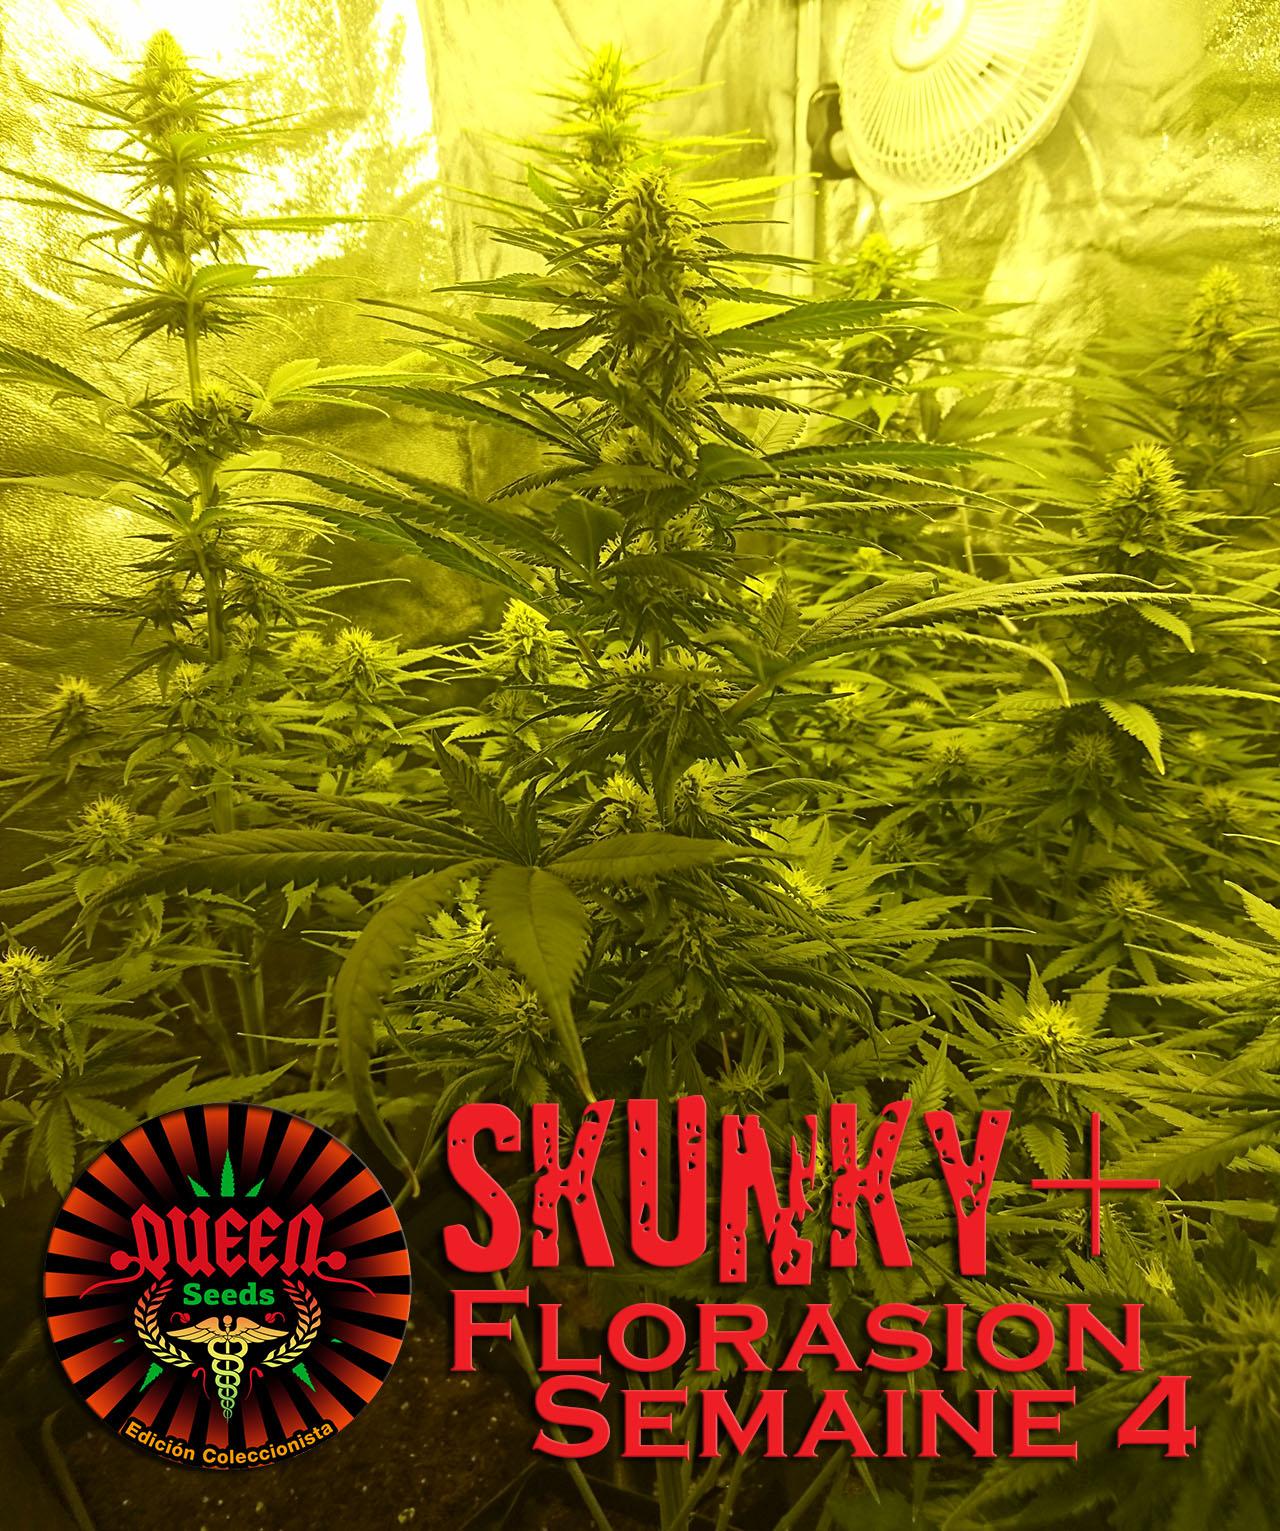 jour 30 flo skunky